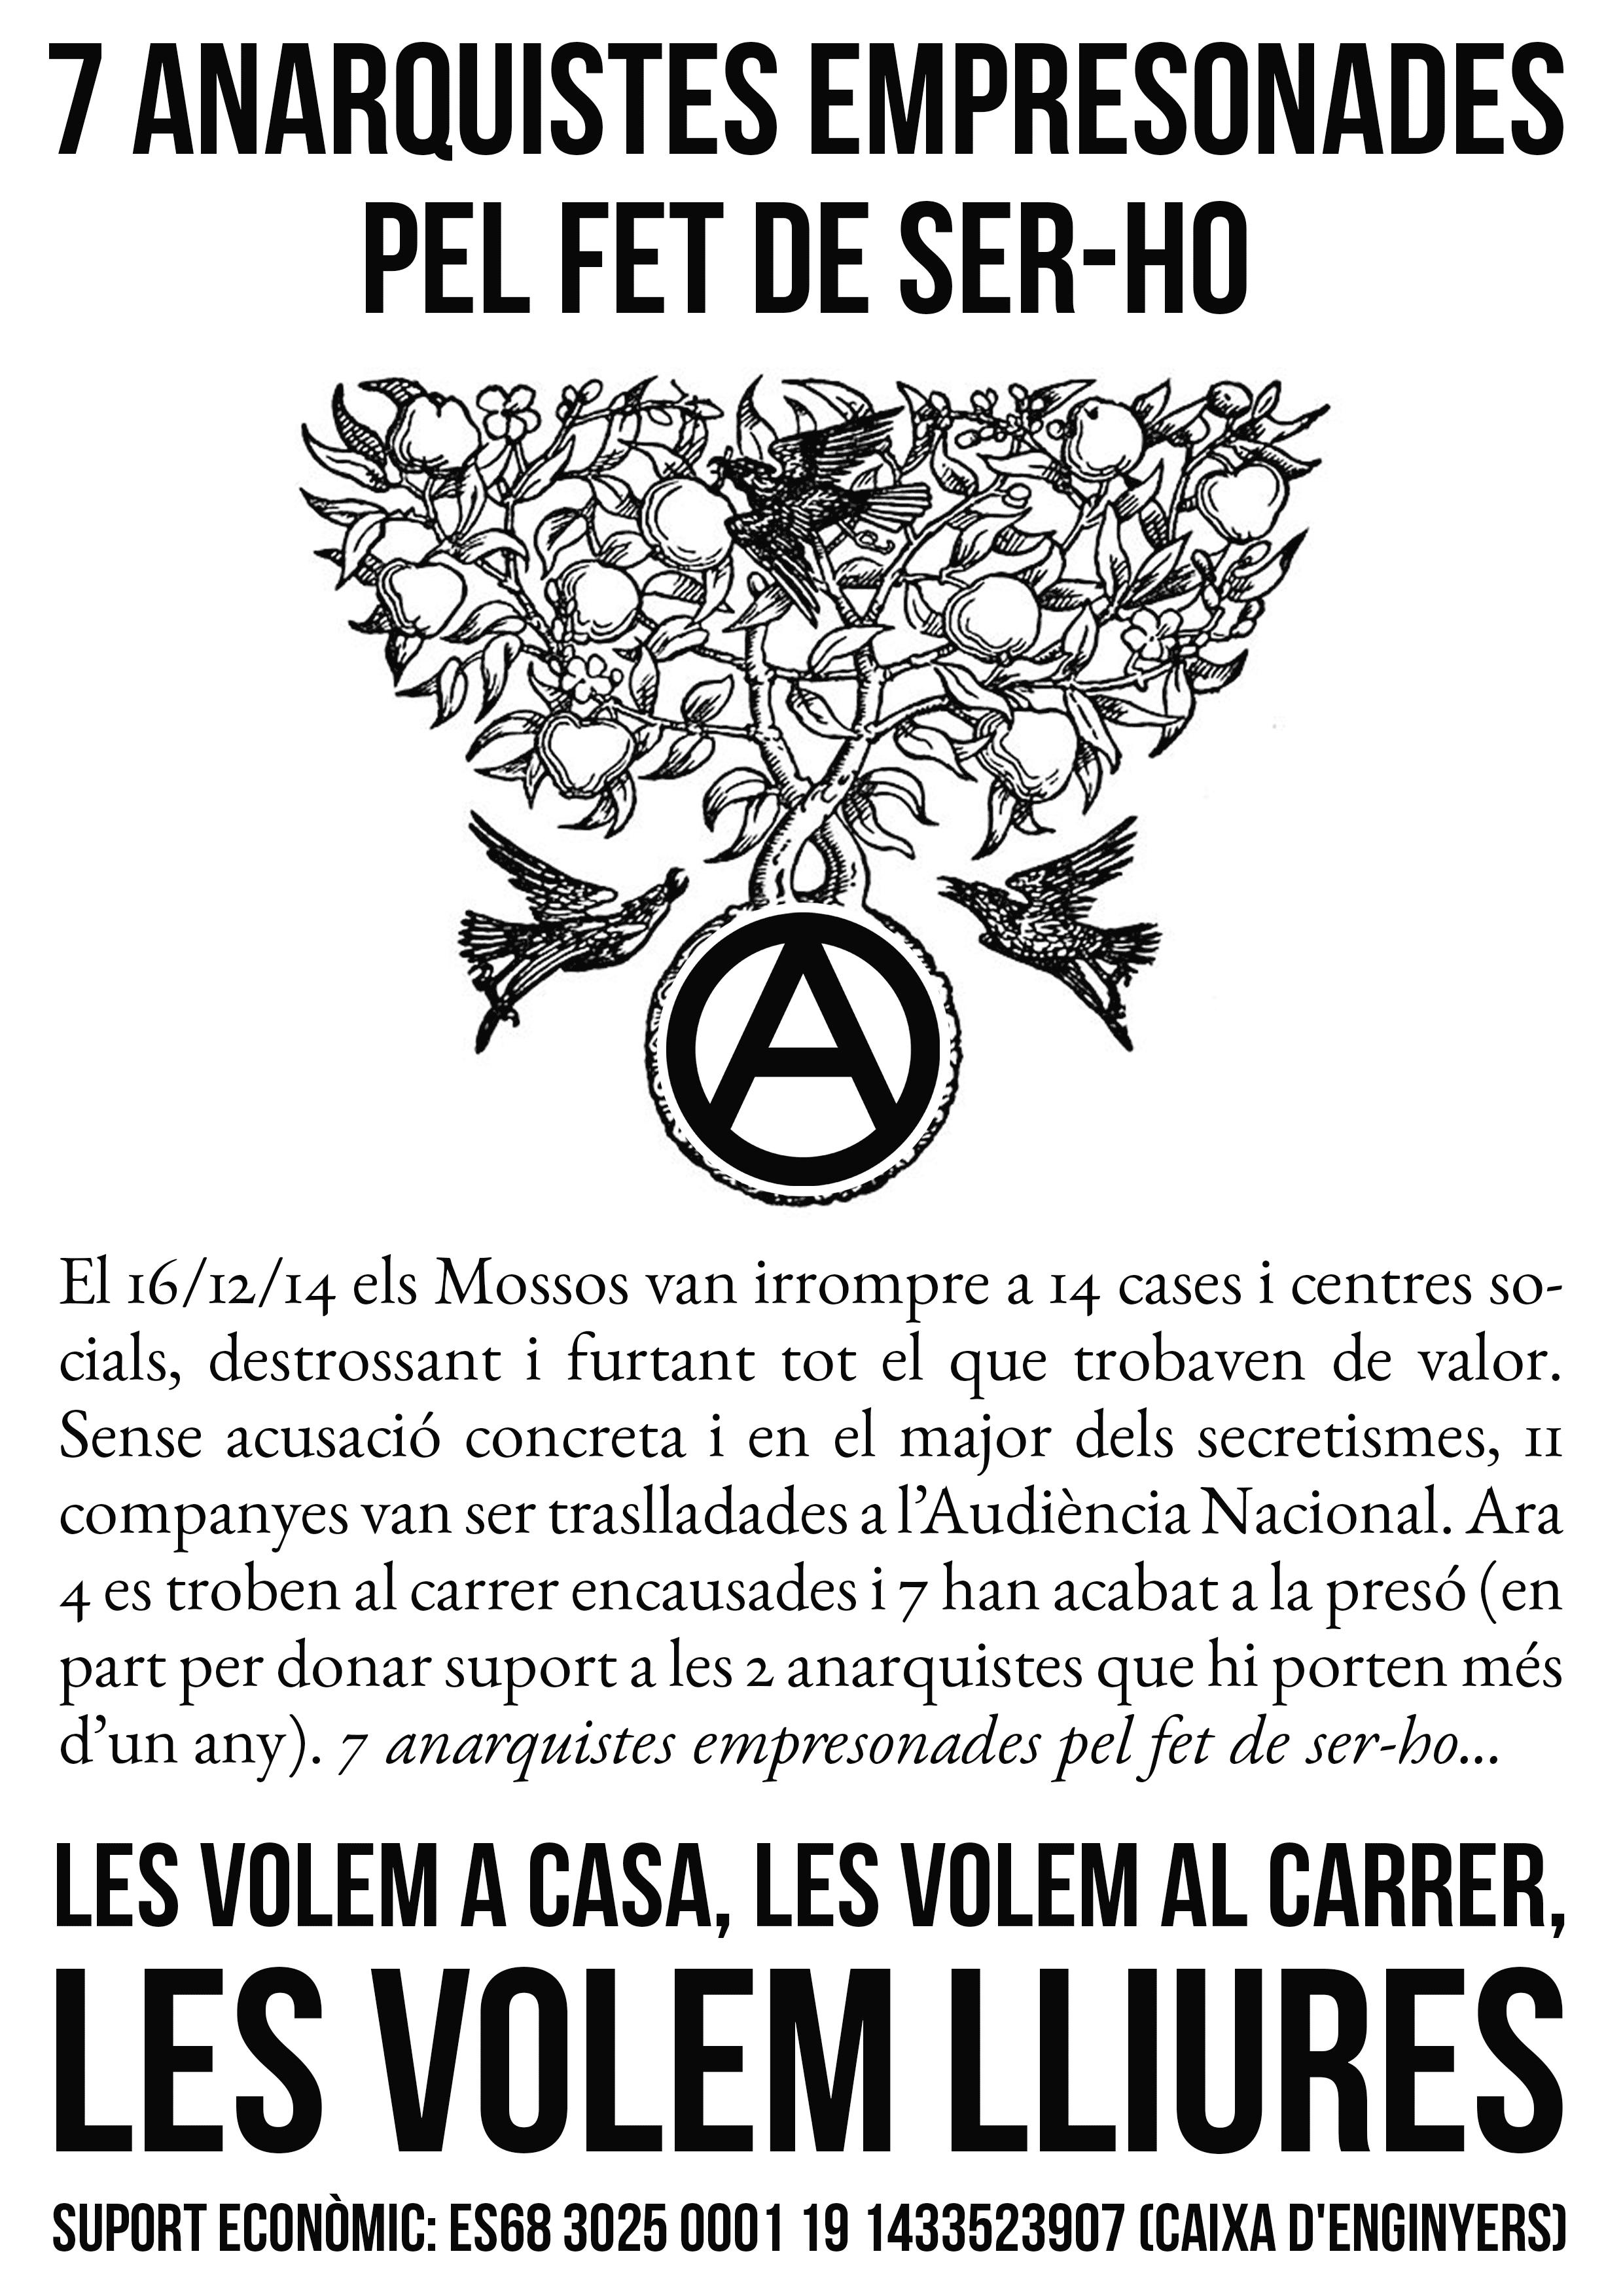 7 anarquistes empresonades pel fet de ser-ho